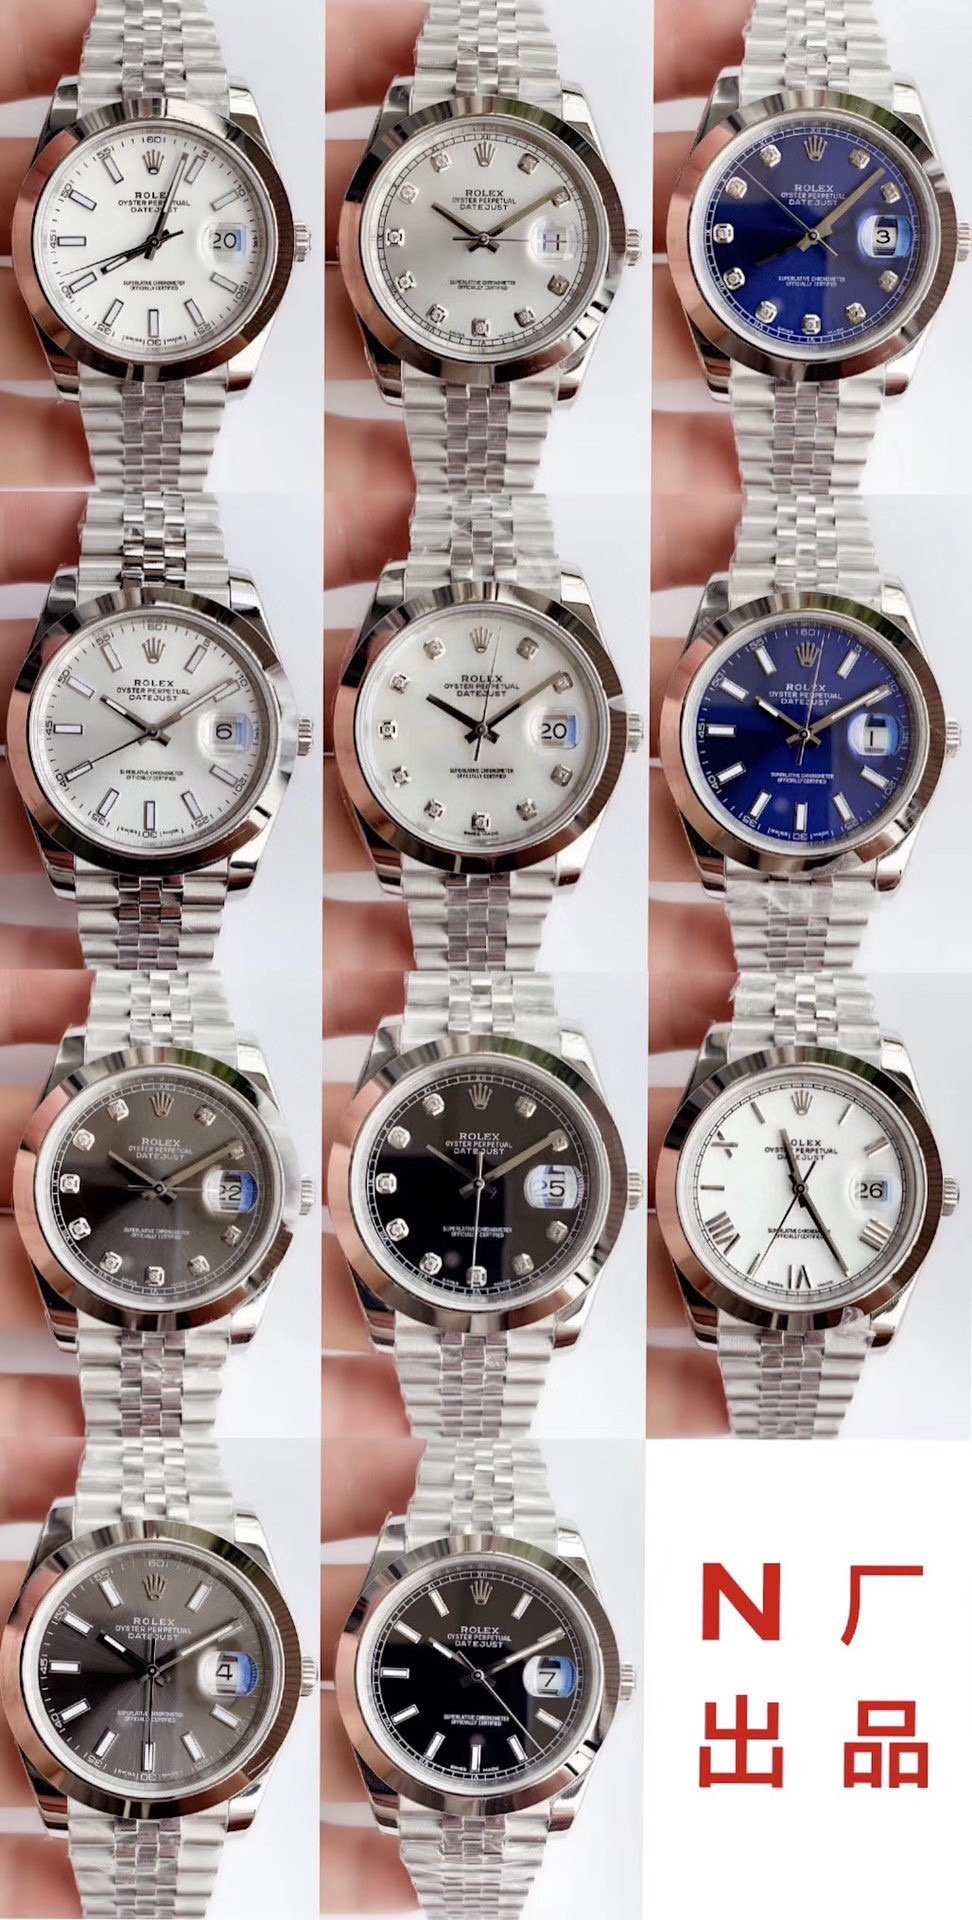 N廠 勞力士日志全系列 N廠手錶 高仿手錶 仿錶 複刻錶 一比一複刻手